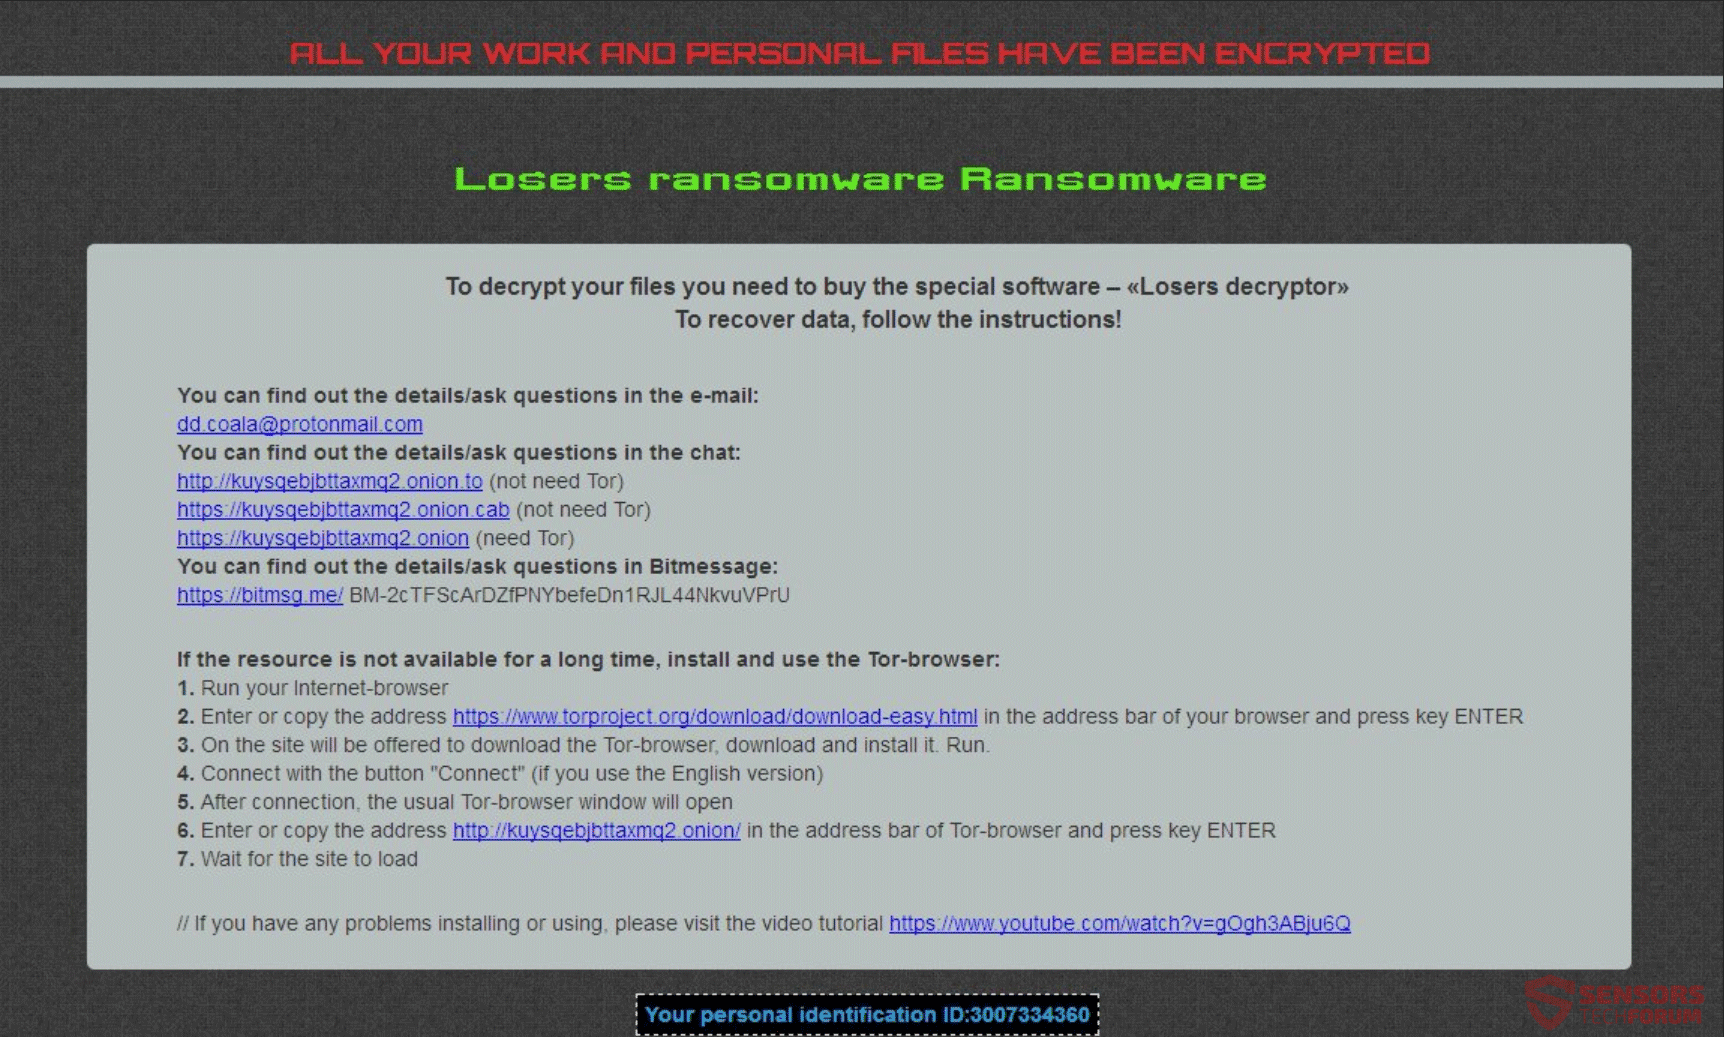 Retire los perdedores ransomware - Restaurar archivos .Losers ...